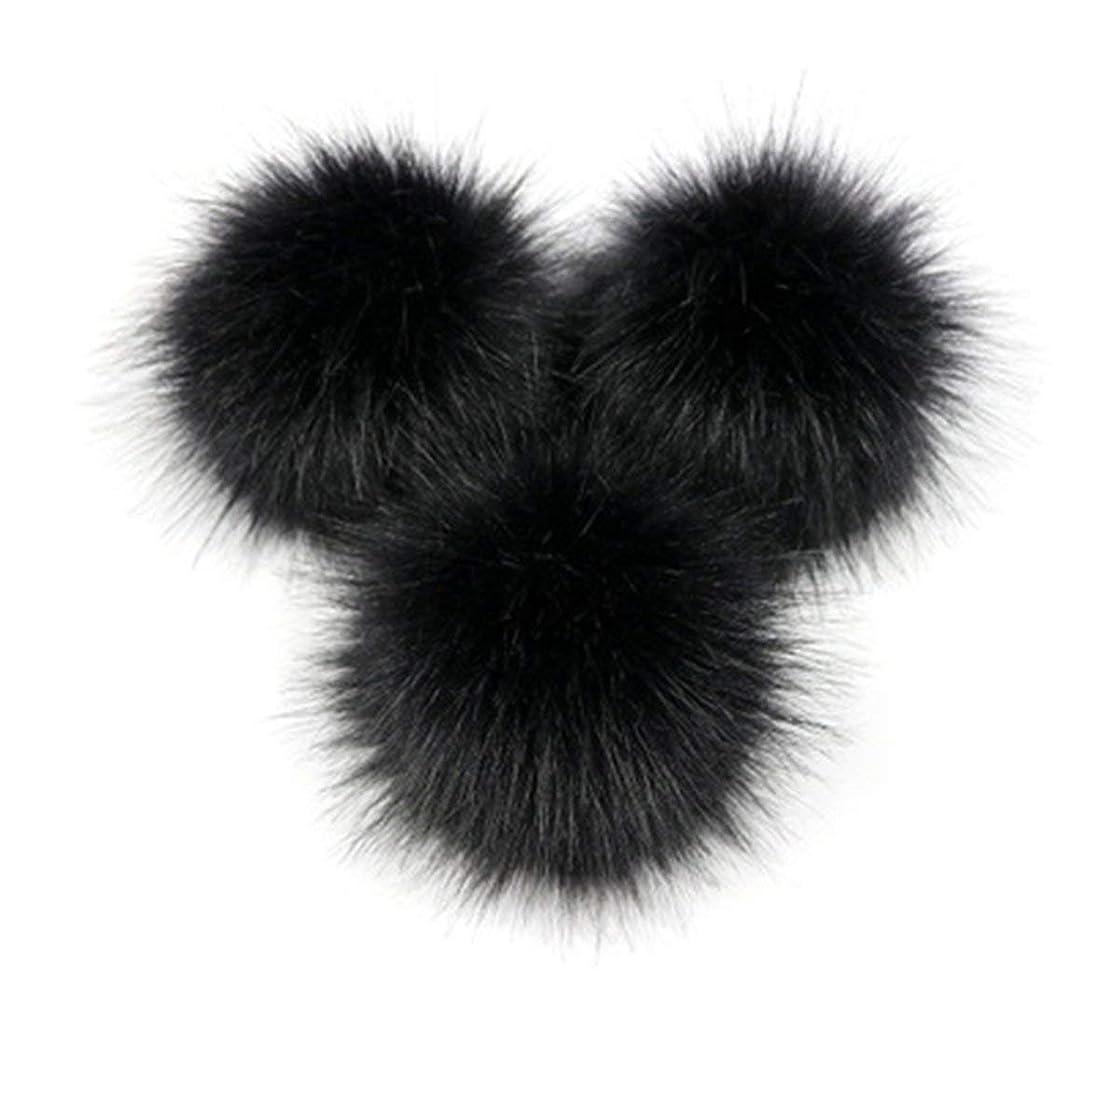 満足自動部屋を掃除するKongqiabonaかわいいキツネの毛皮のポンポン取り外し可能な毛皮ふわふわボブルボールでプレスボタン用diy帽子キャップバッグ服靴の装飾